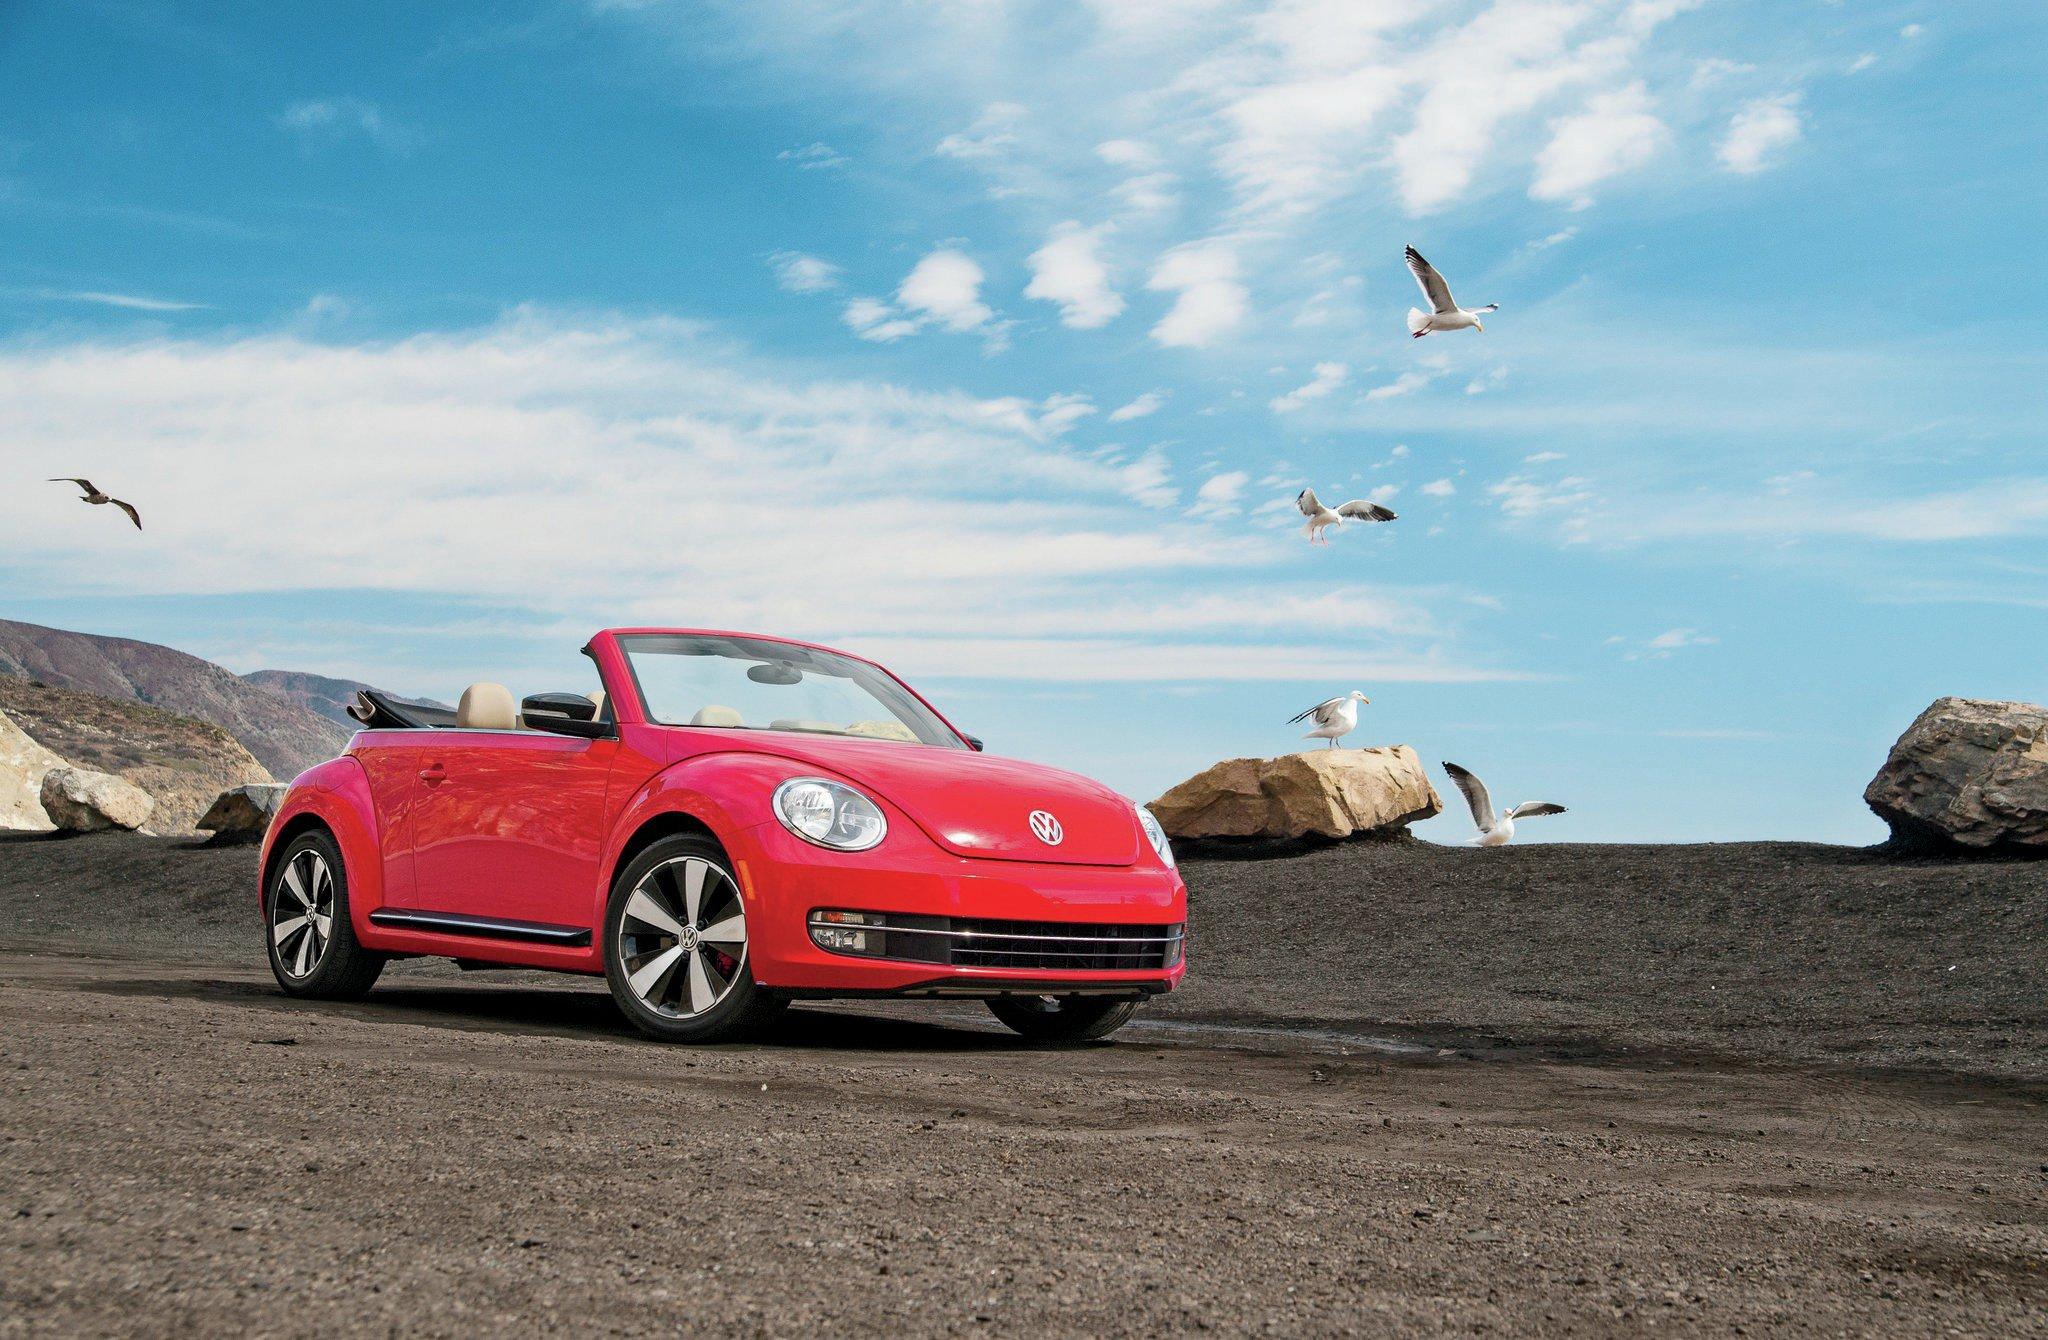 2013 Volkswagen Beetle Turbo ConvertibleAUTP 140800 BEETLE 111